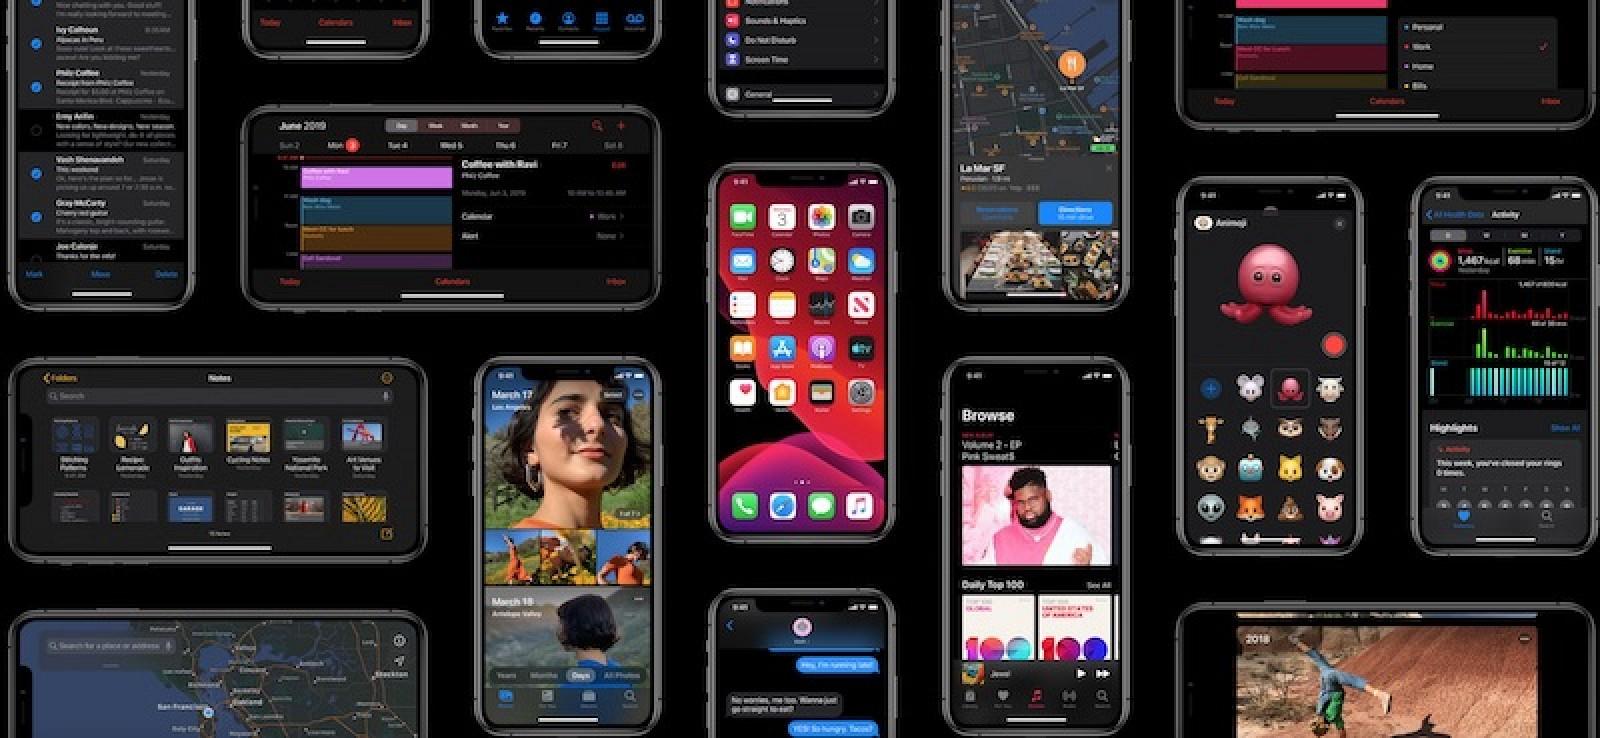 Cómo habilitar el modo oscuro en iOS 13